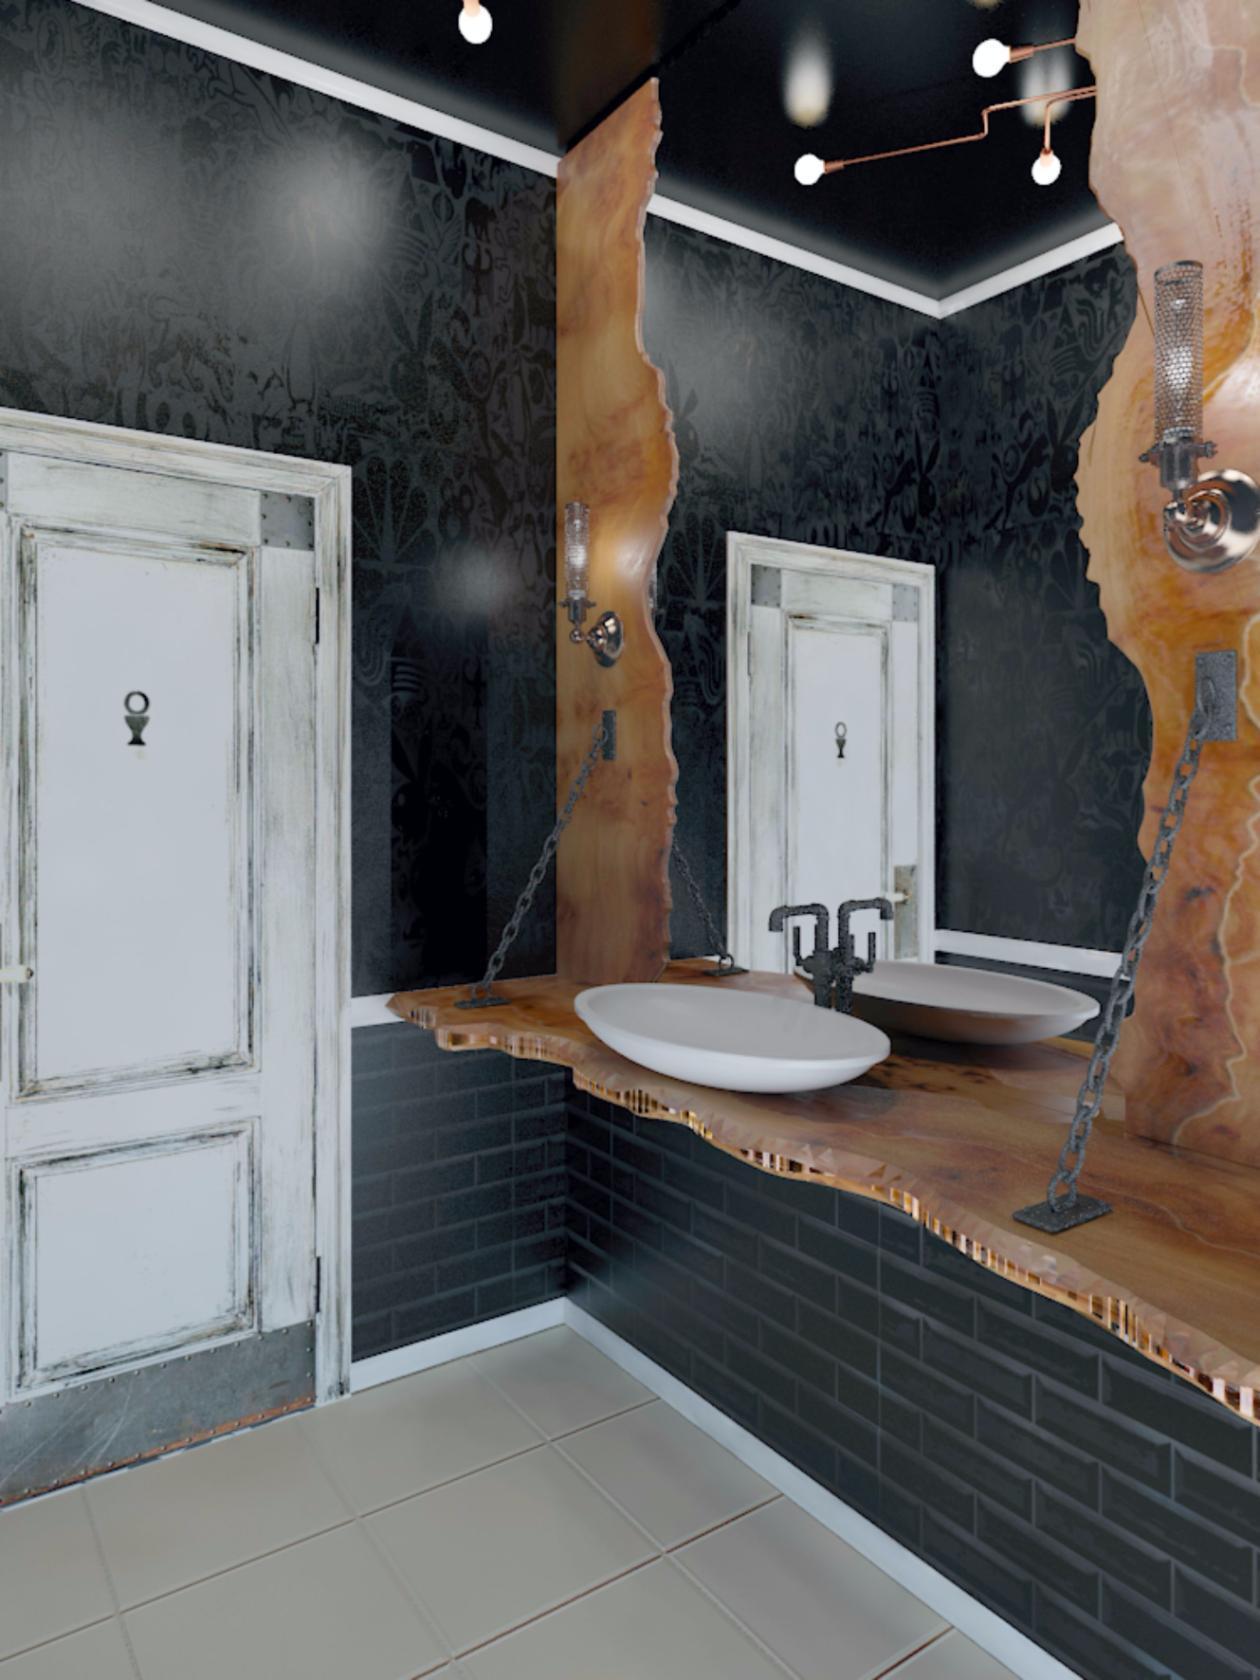 Концептуальный дизайн шоу-рума мебельного магазина фото f_8055a75590f0ab80.jpg